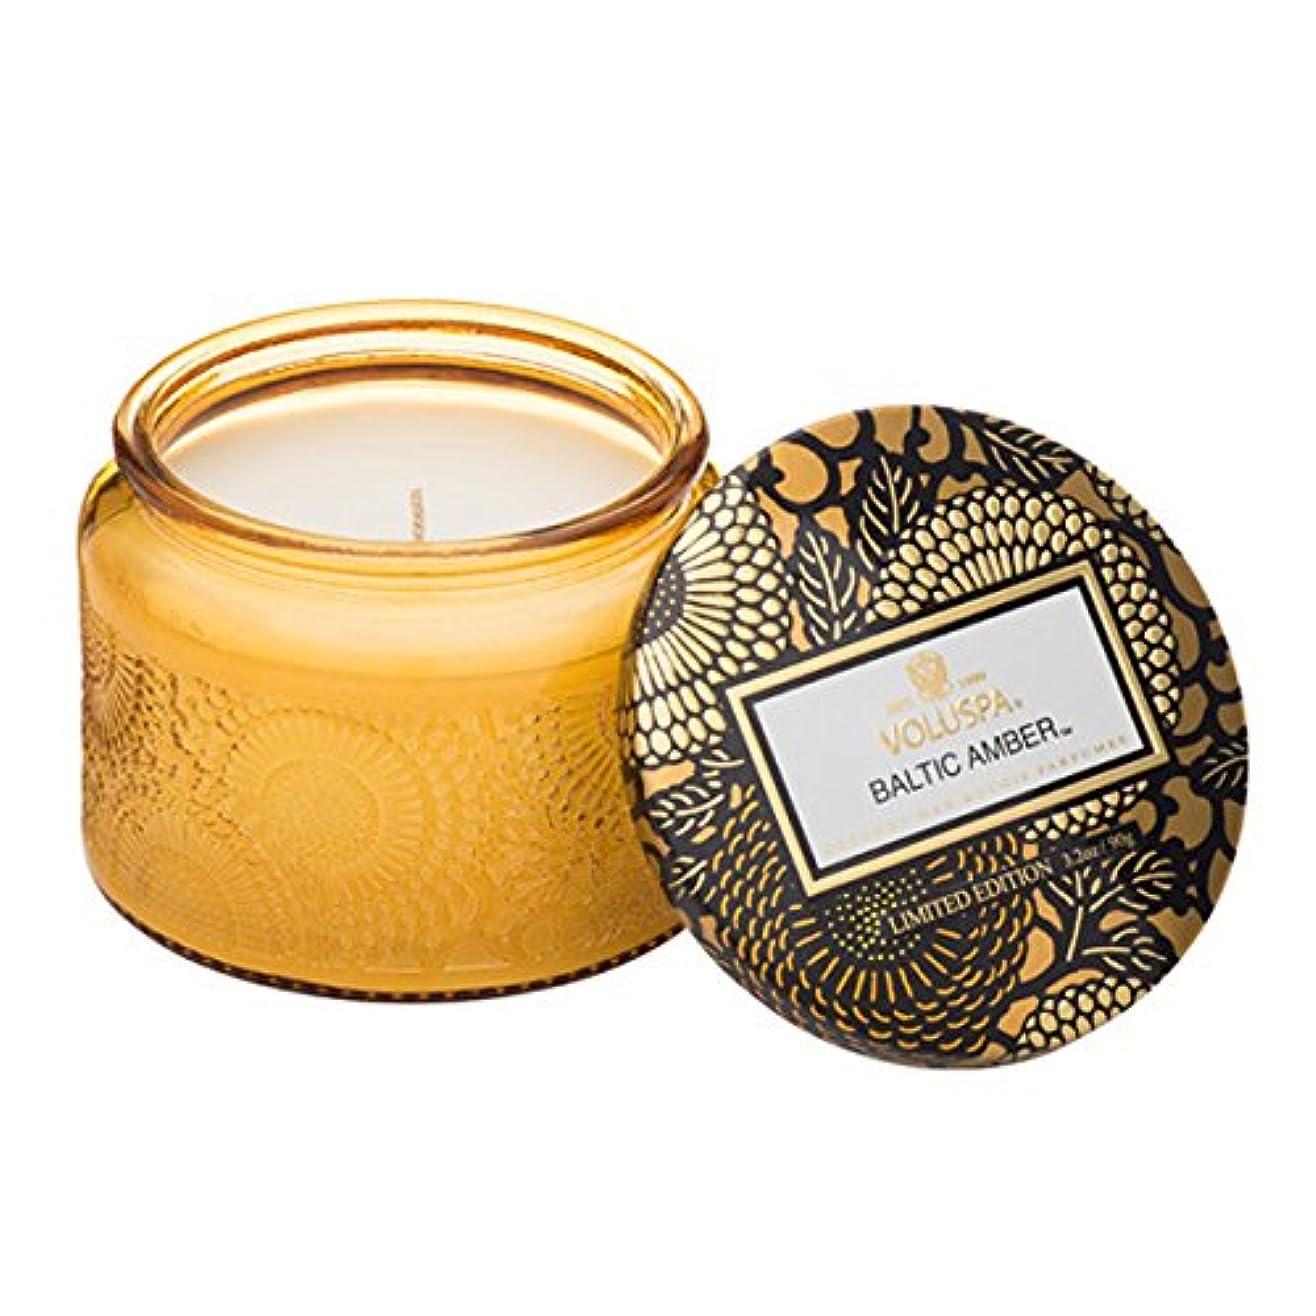 真実乱雑な傷つけるVoluspa ボルスパ ジャポニカ リミテッド グラスジャーキャンドル  S バルティックアンバー BALTIC AMBER JAPONICA Limited PETITE EMBOSSED Glass jar candle